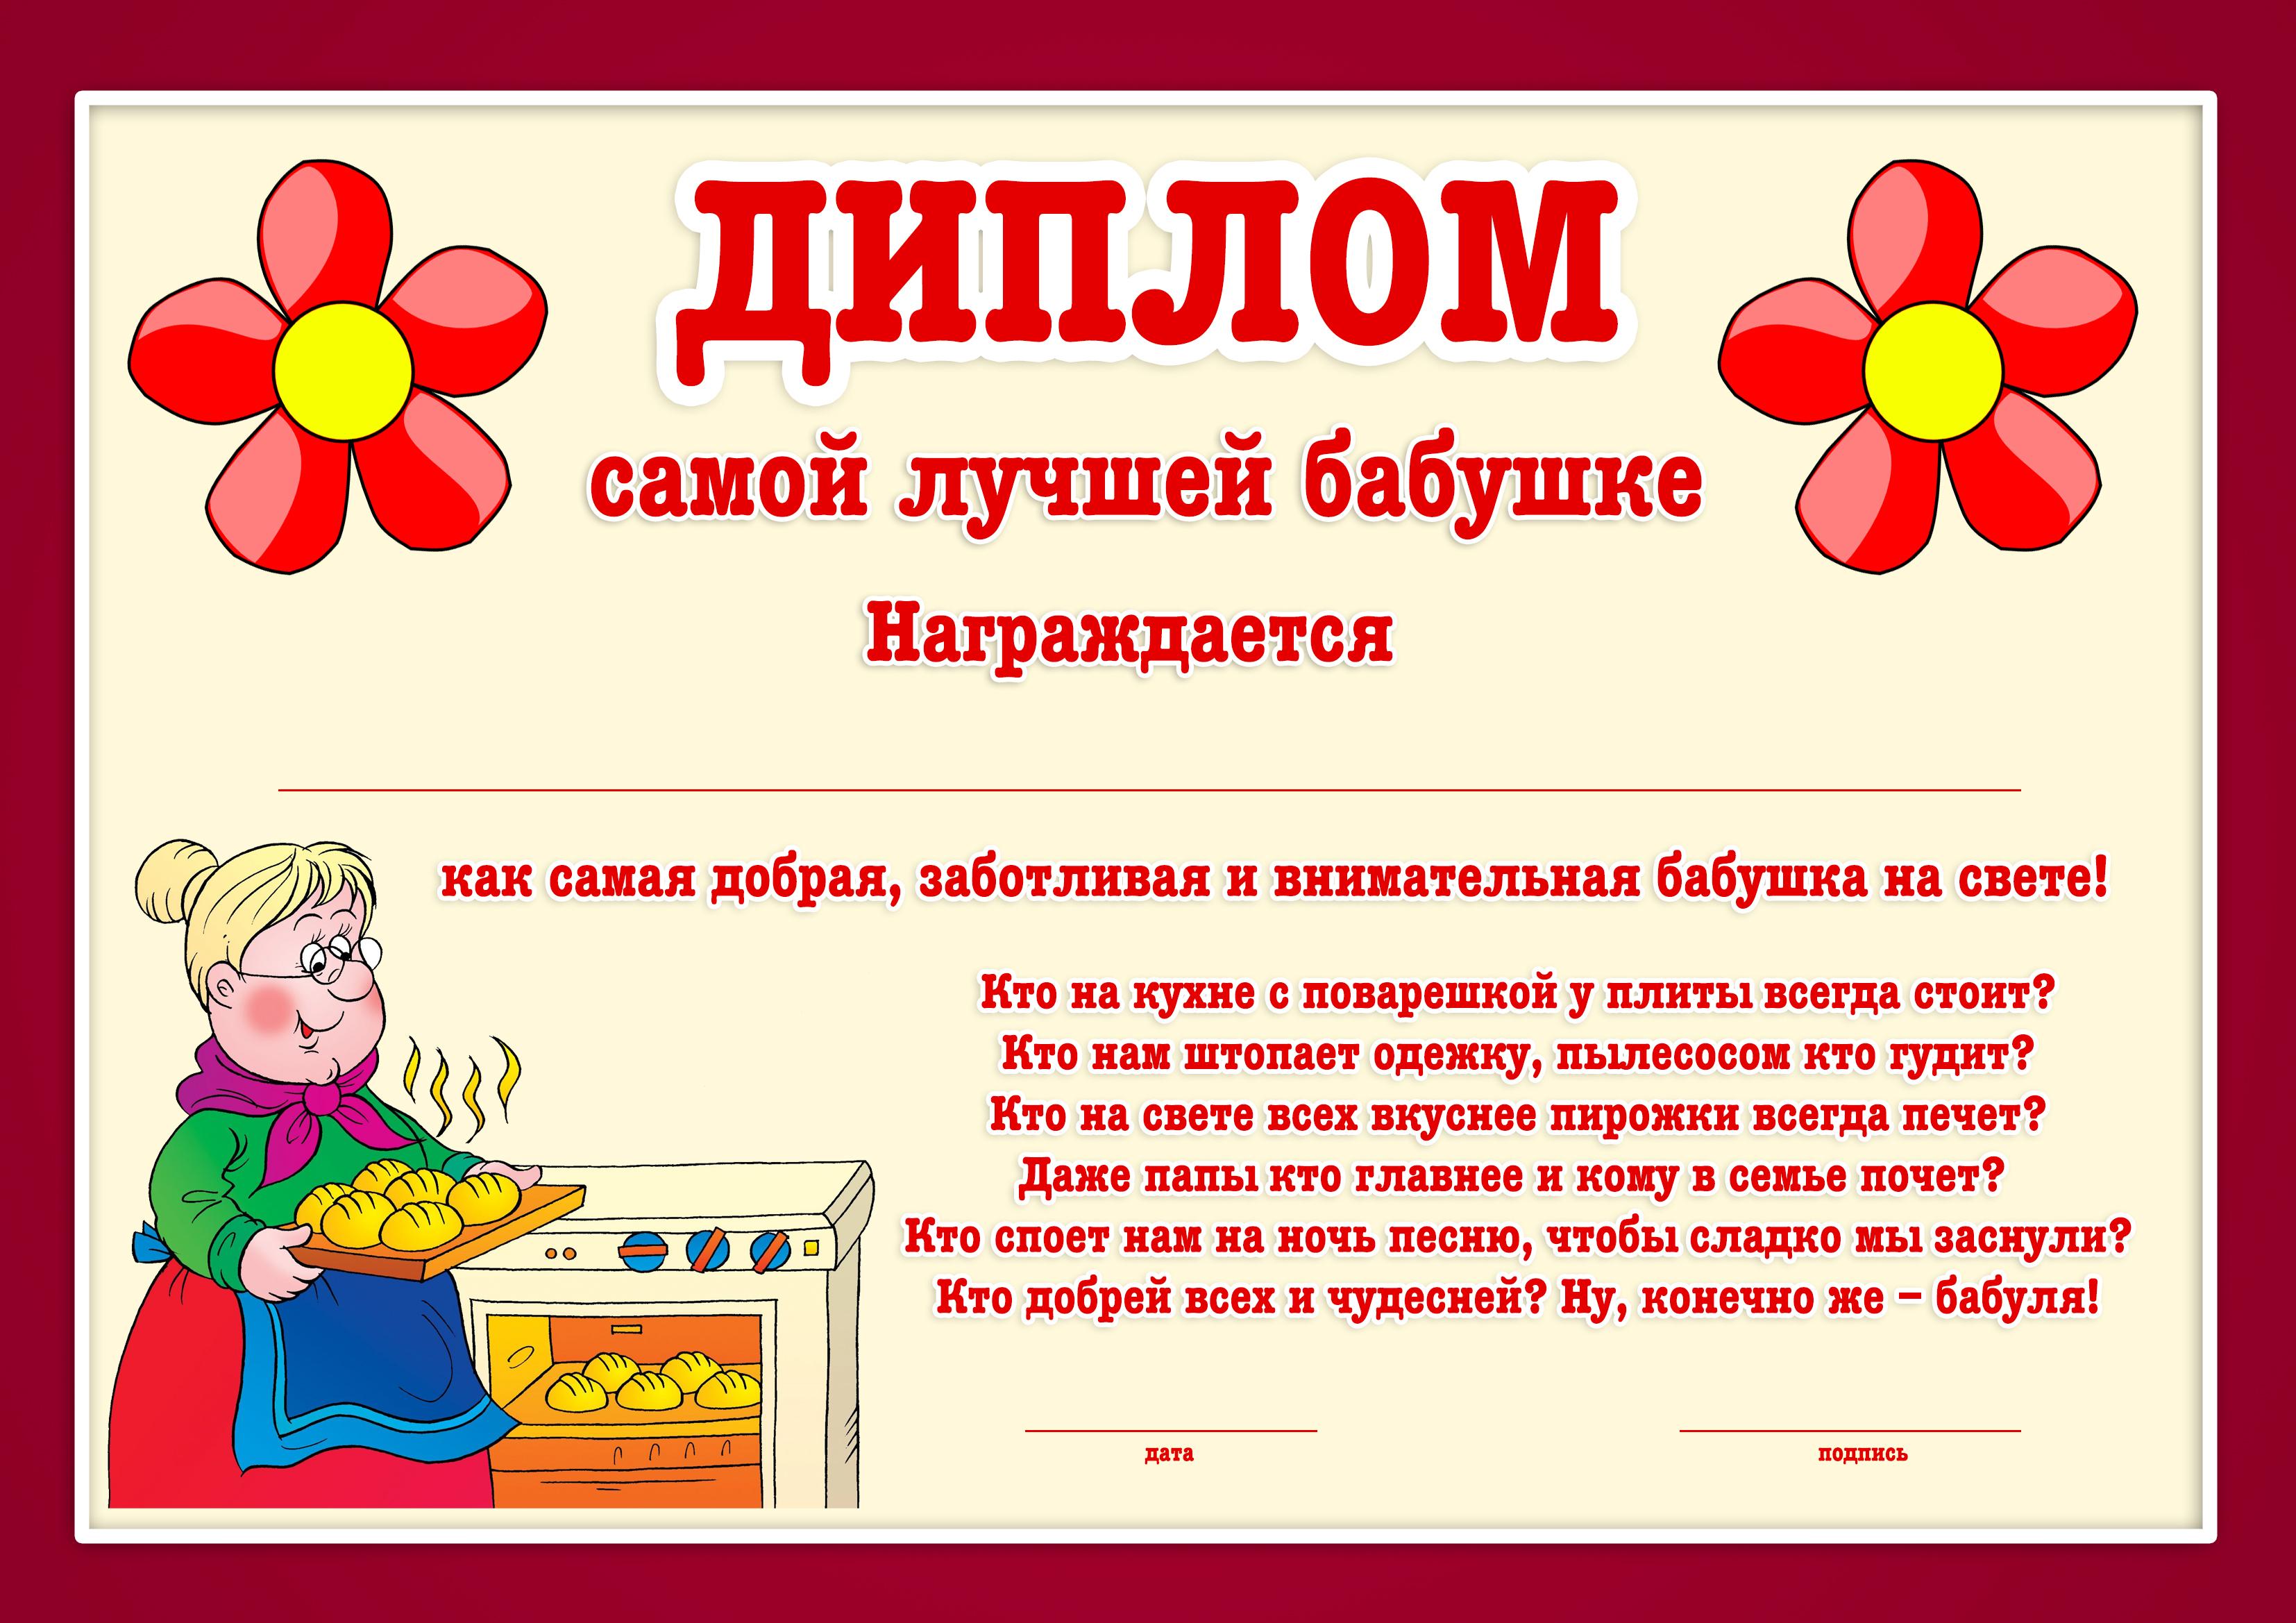 Конкурсы для день рождения для бабушки от